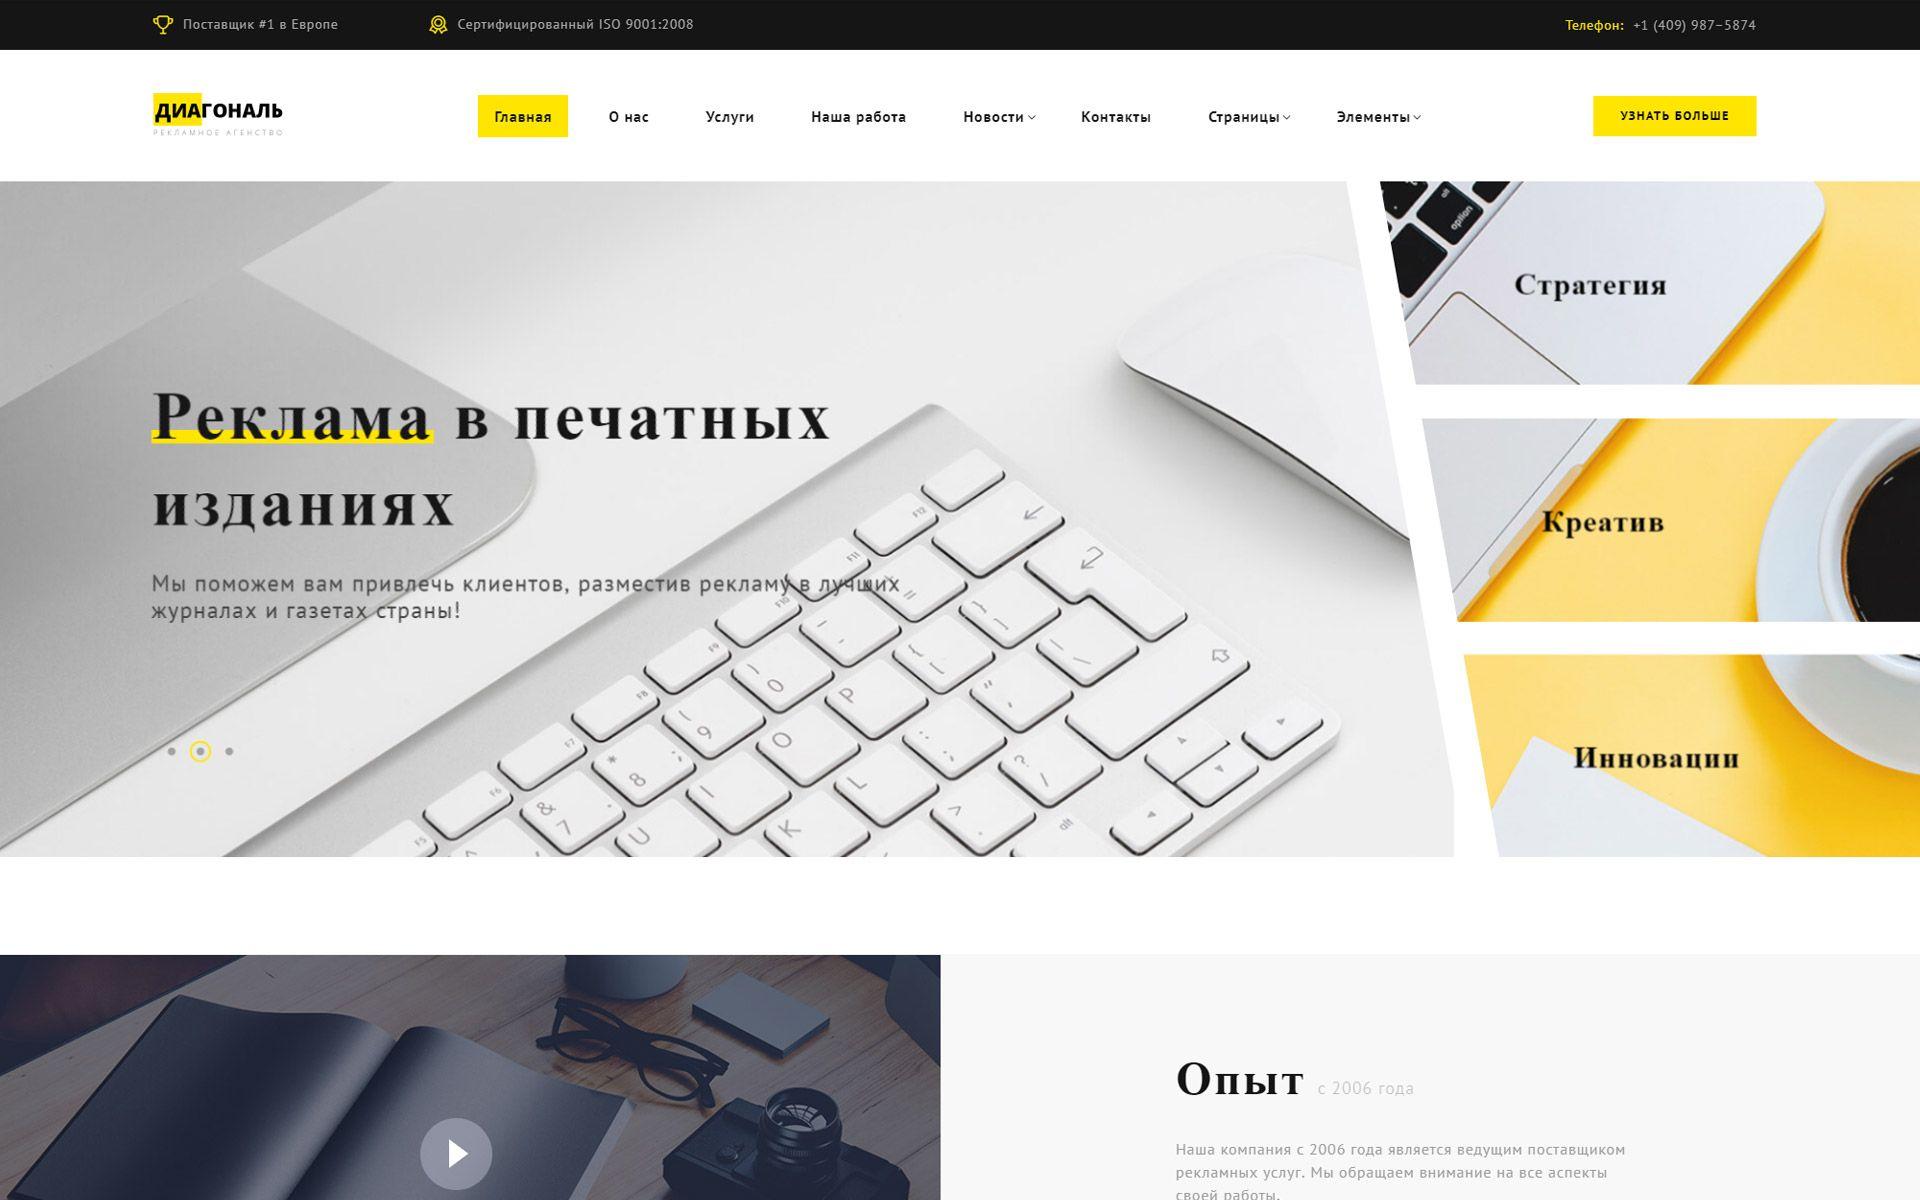 Diagonal - Advertising Agency Multipage HTML Ru Website